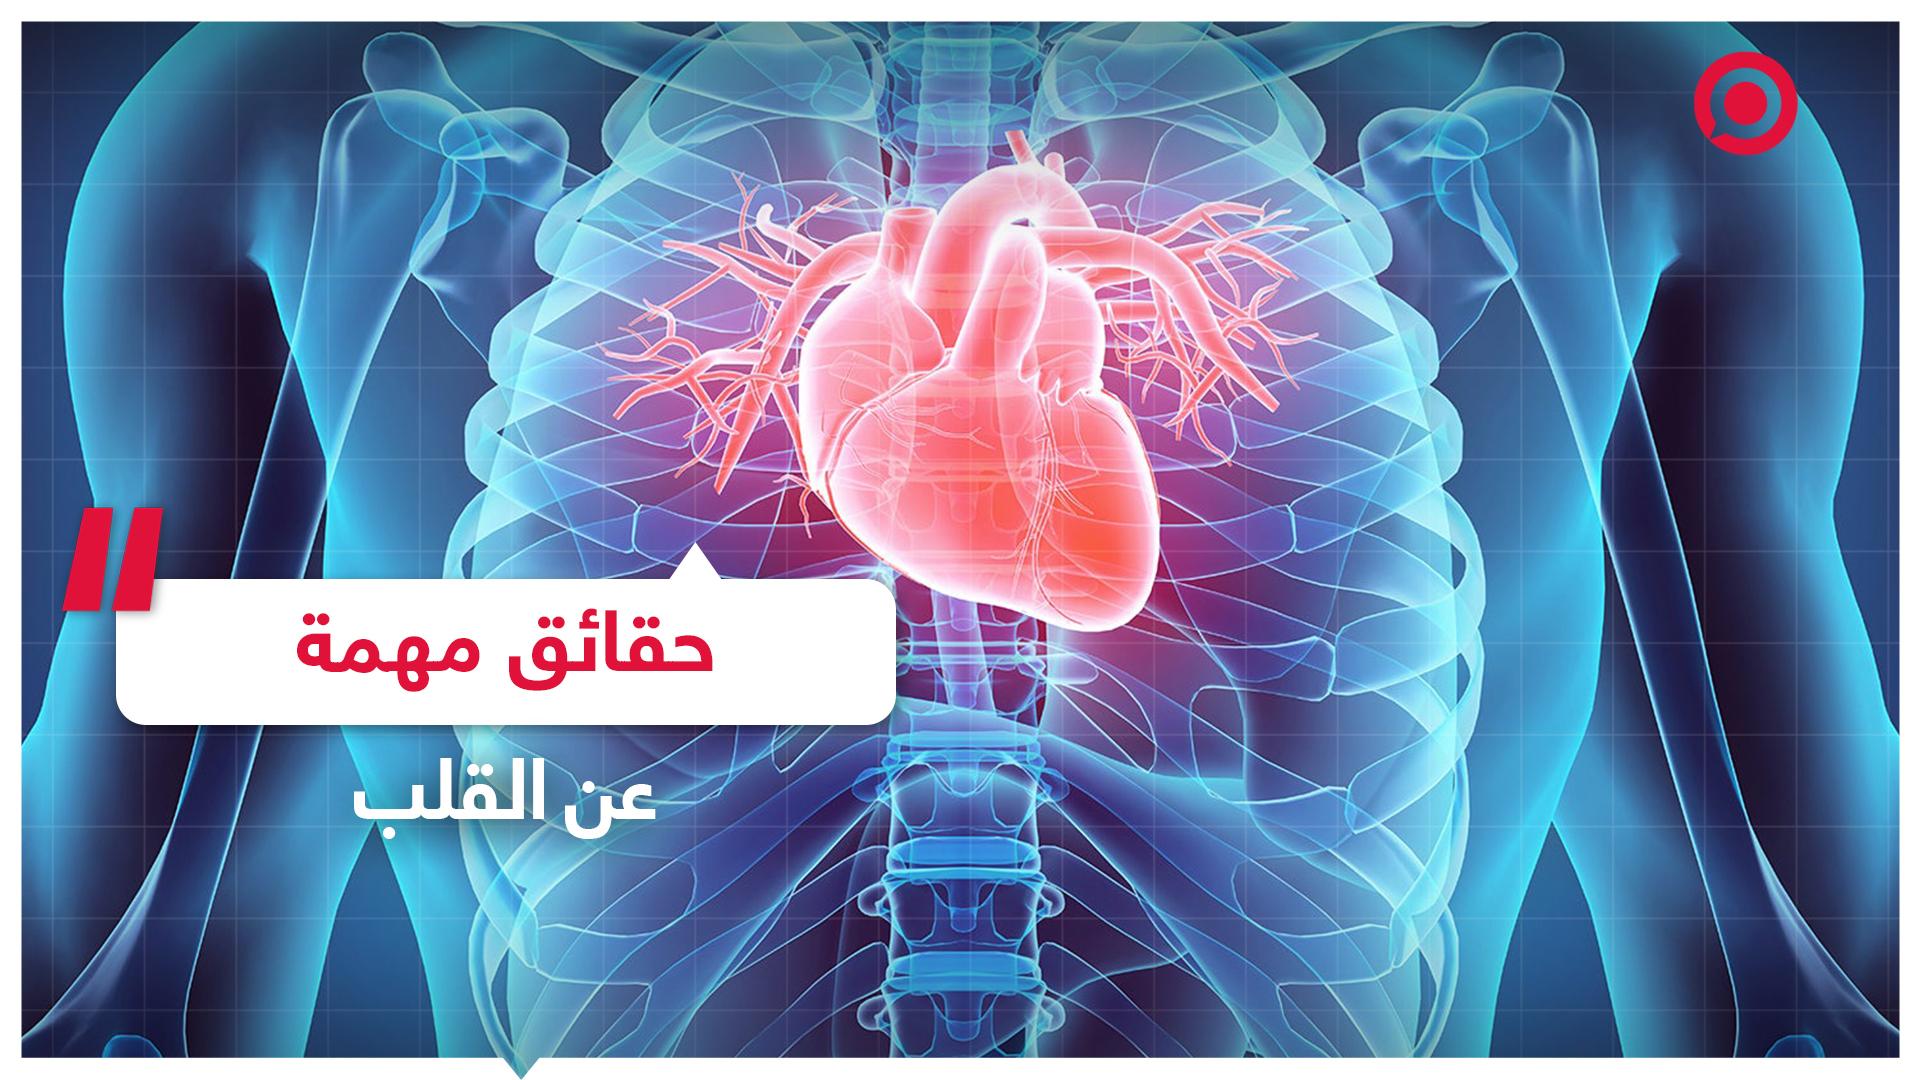 8 حقائق مهمة عن القلب